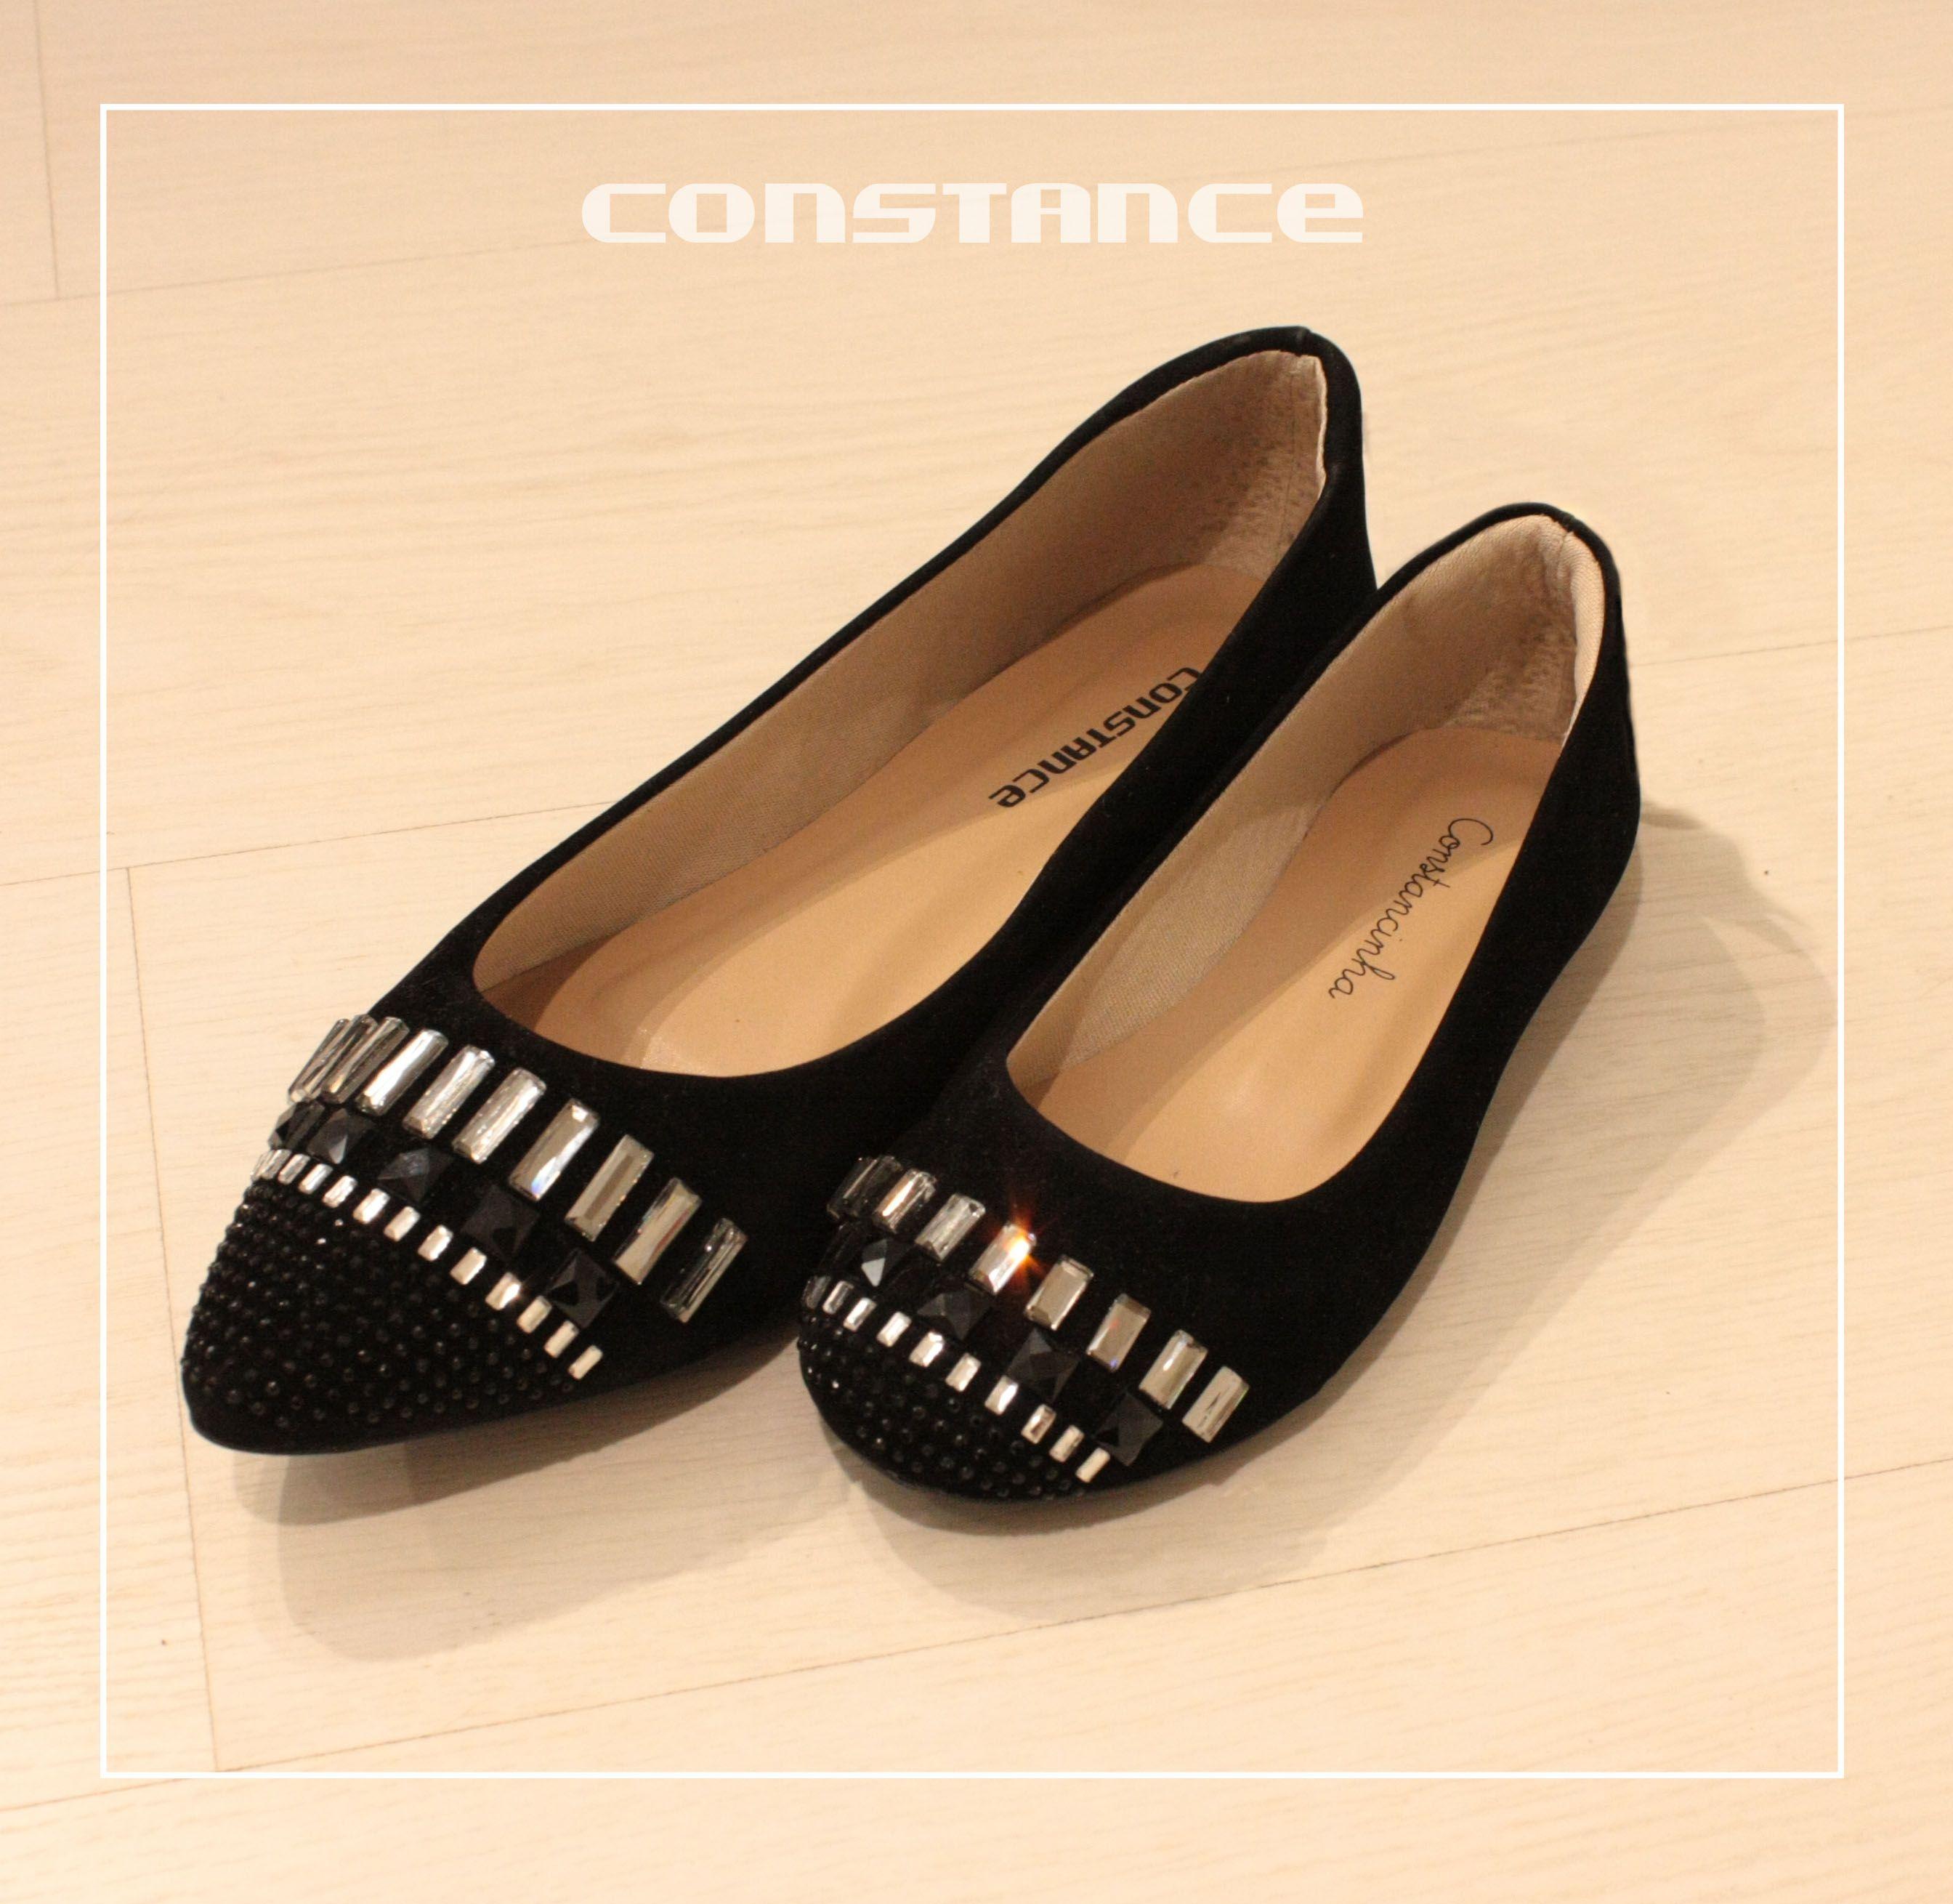 4601520fe Pin de Constance Calçados em Constance Calçados   Shoes, Fashion e Flats